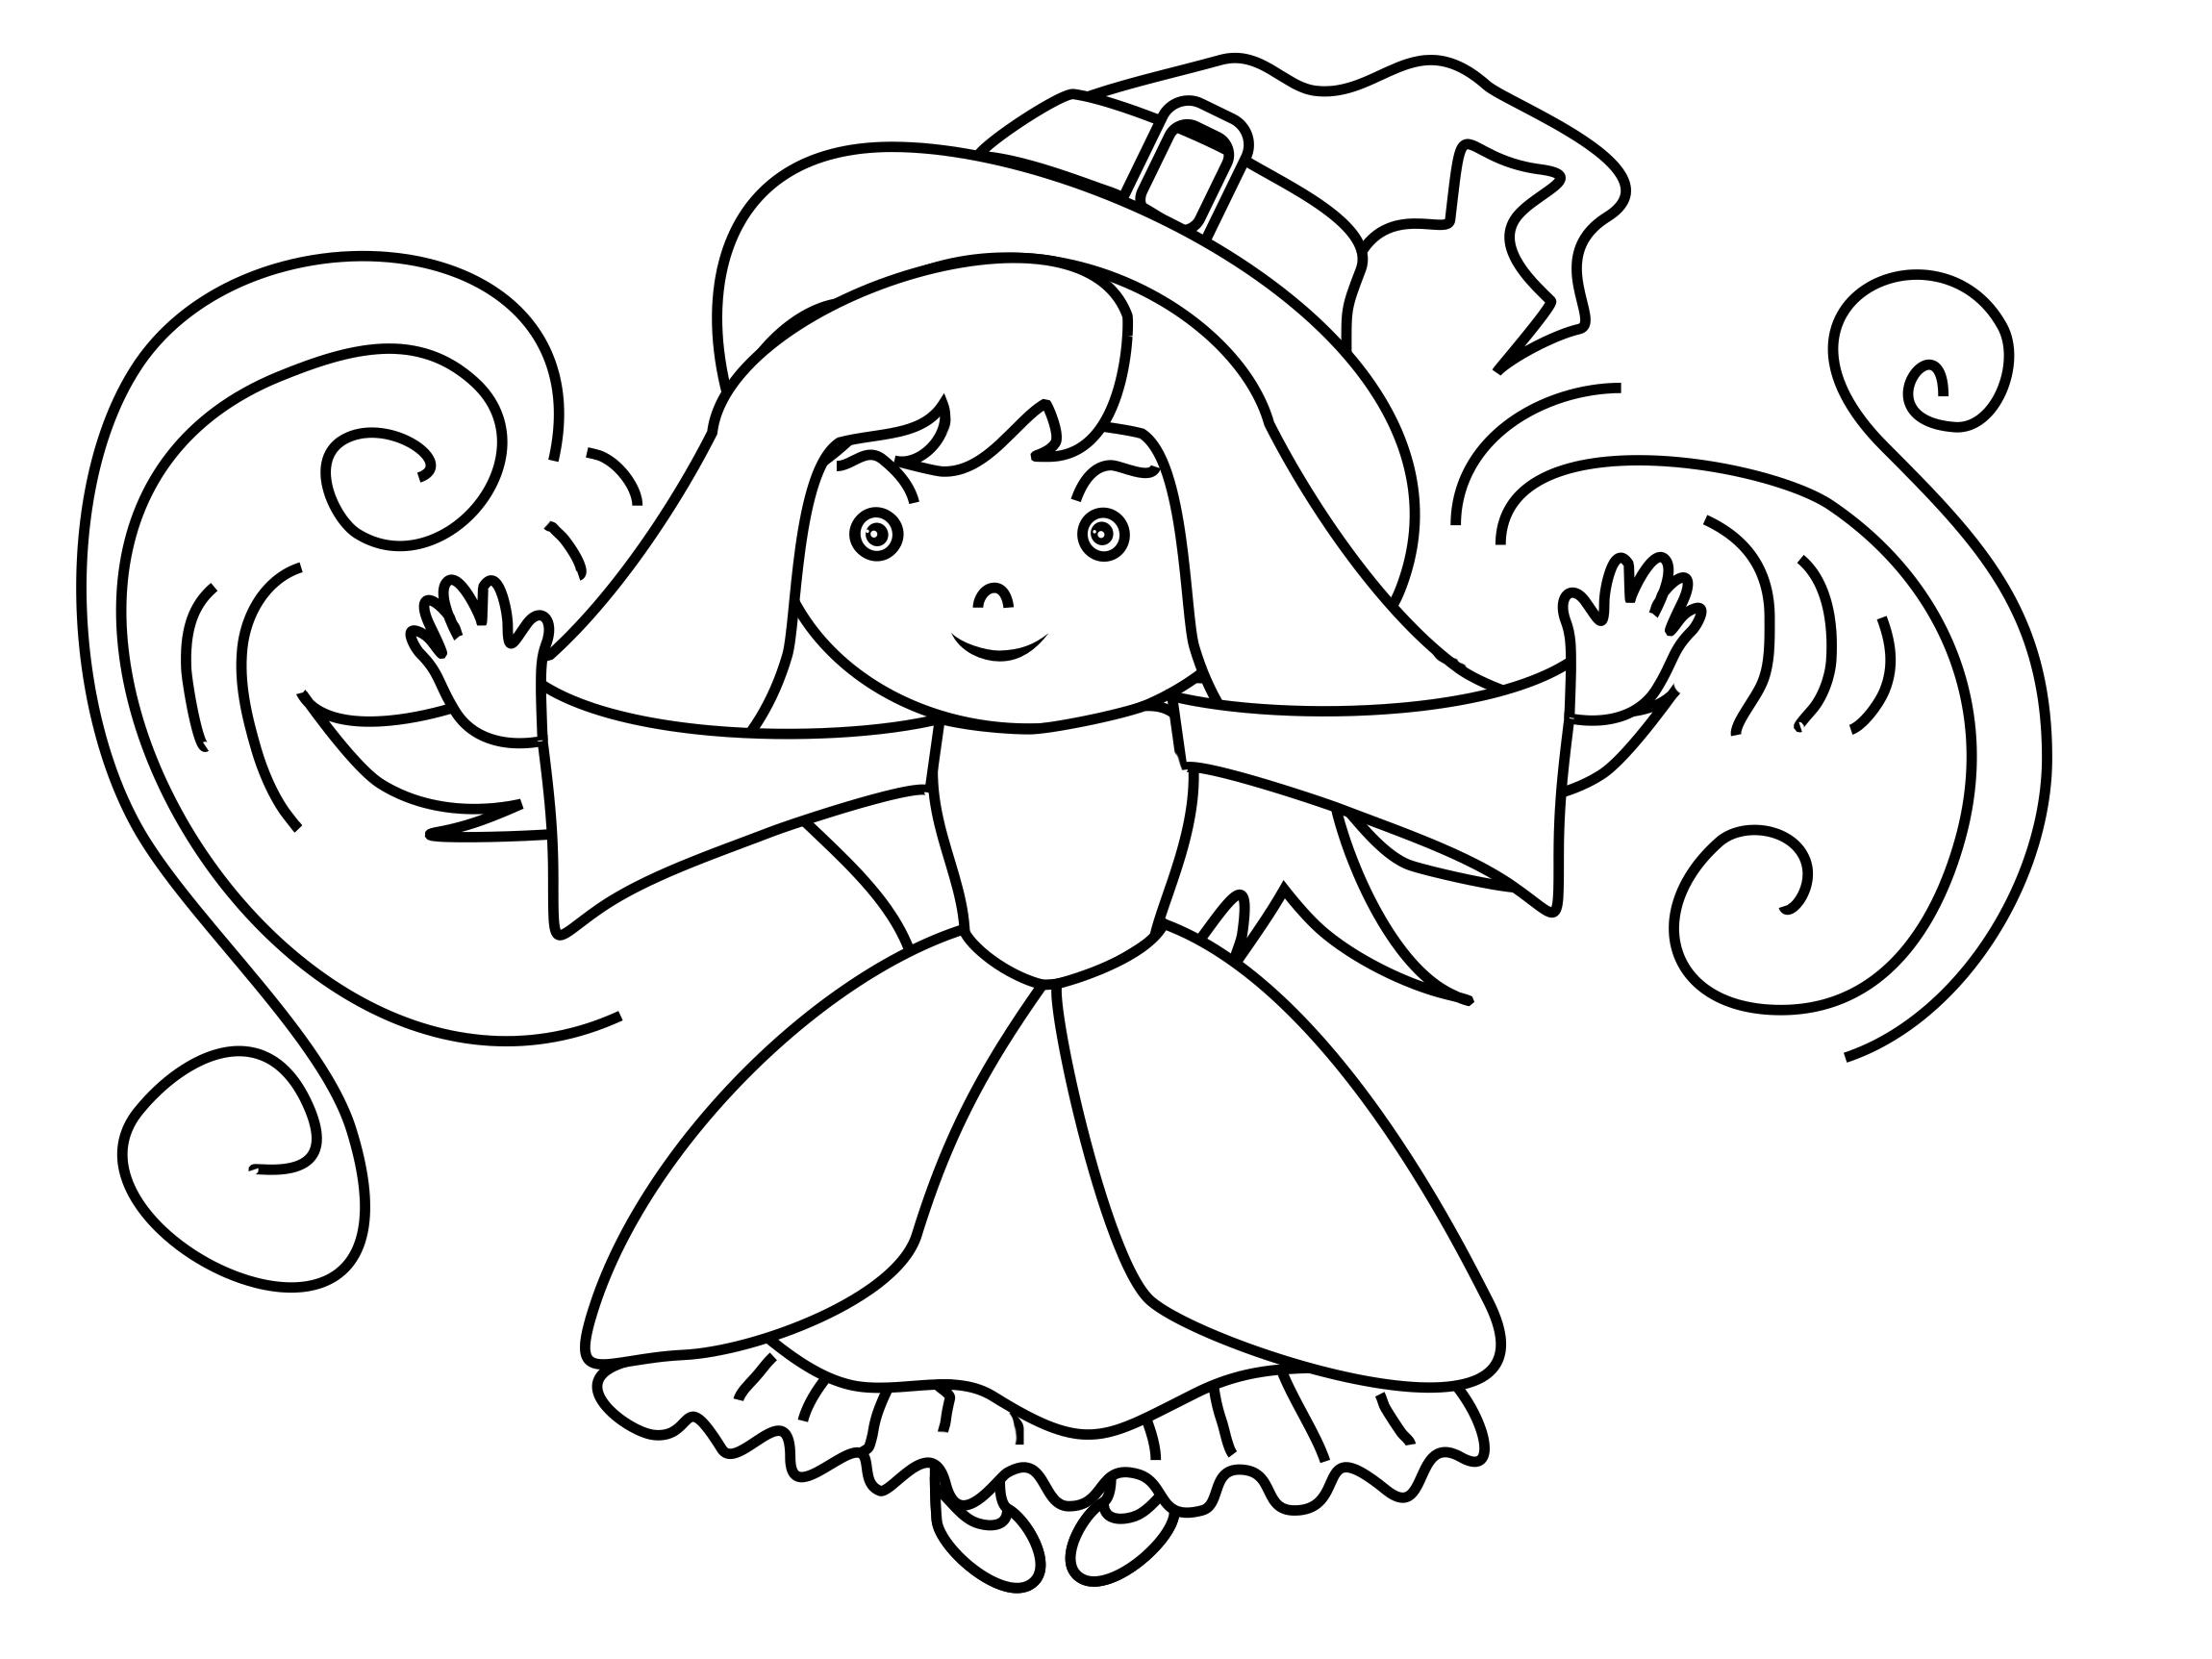 Petite sorcière illustration – Halloween à colorier